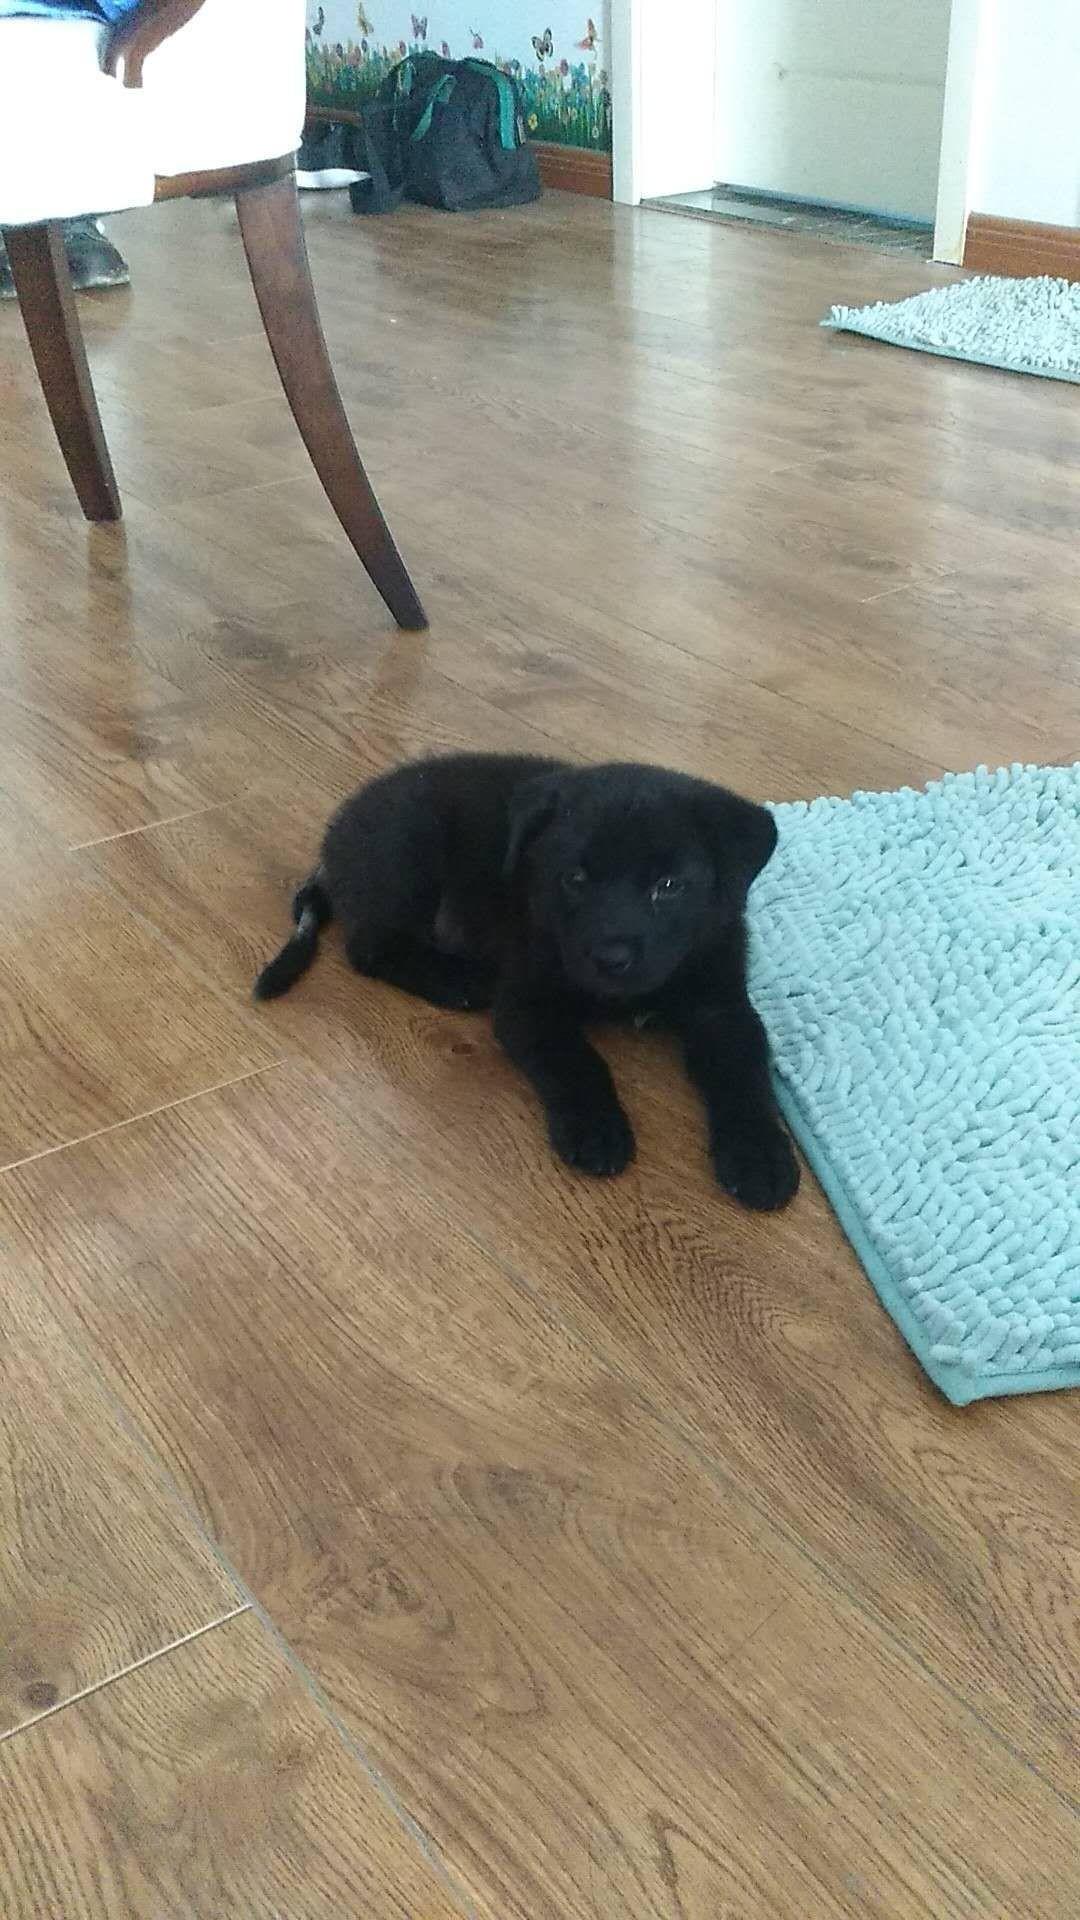 捡到一只小黑狗,没时间养!求好心人领养!